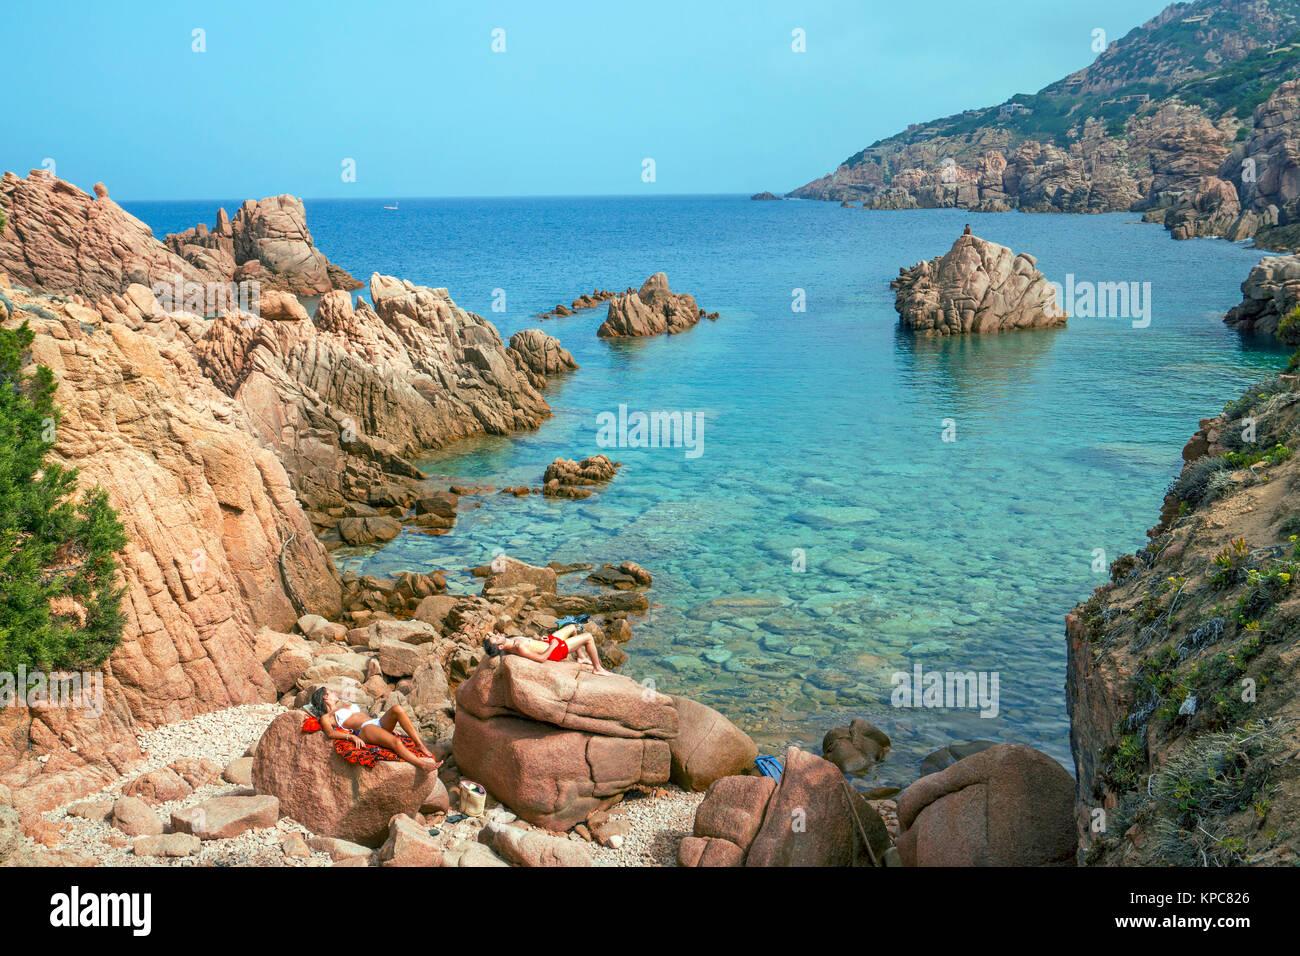 Sunbath on porphyry rocks, coast landscape at Costa Paradiso, Sardinia, Italy, Mediterranean  sea, Europe Stock Photo